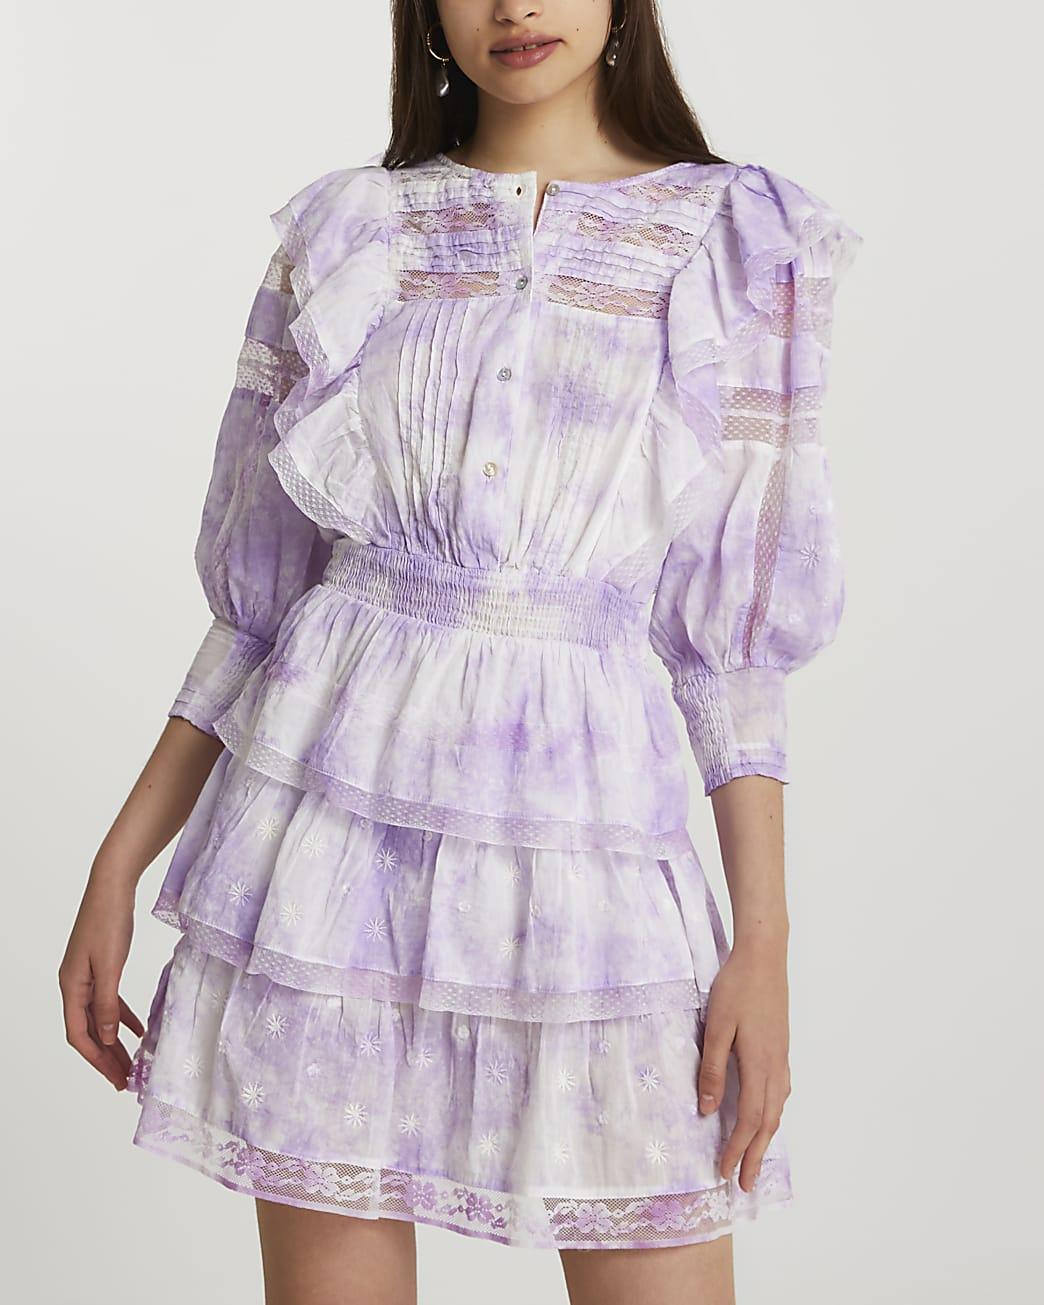 Purple long sleeve tie dye dress